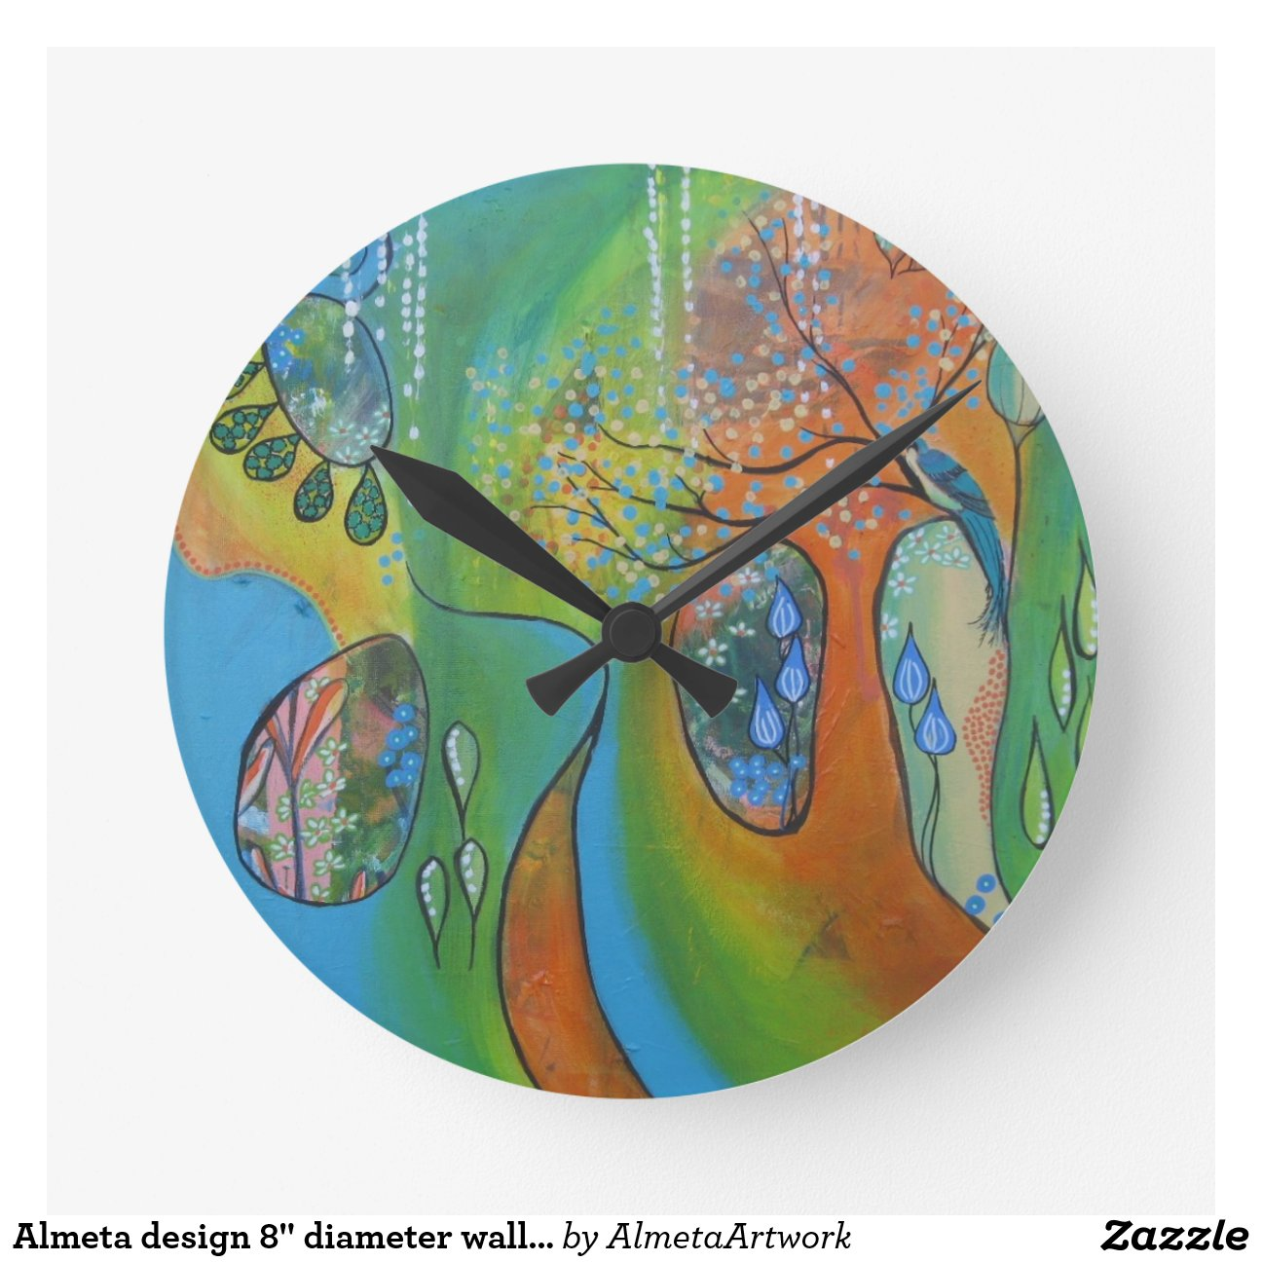 Dise o 8 de almeta reloj de pared del di metro zazzle - Reloj de pared de diseno ...